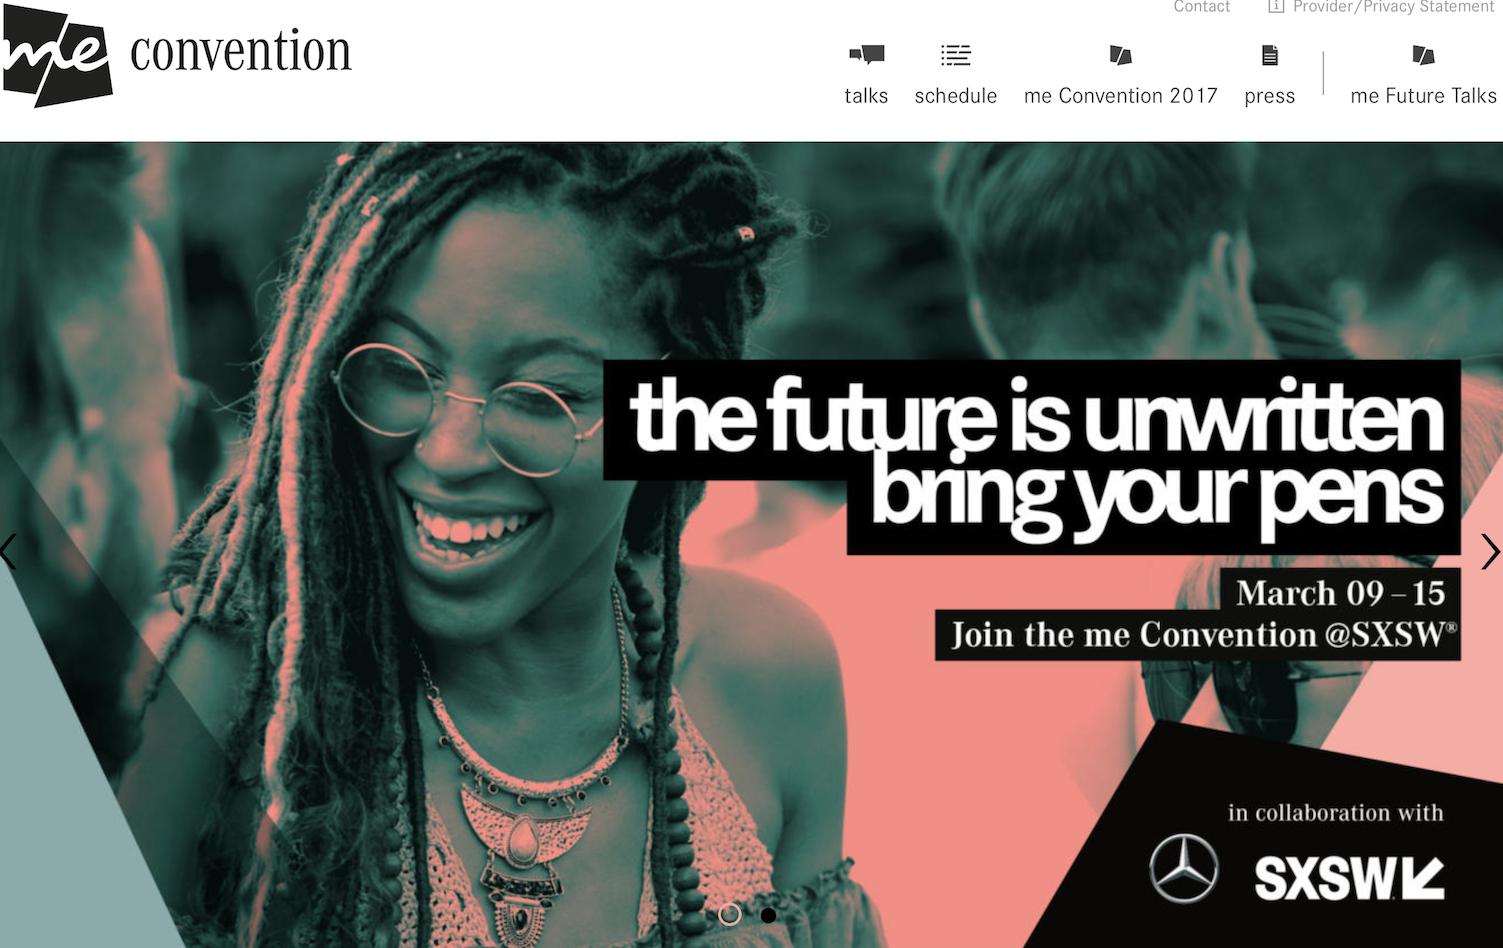 SXSW 联手奔驰推出第二届 me Convention,探索人工智能未来生活